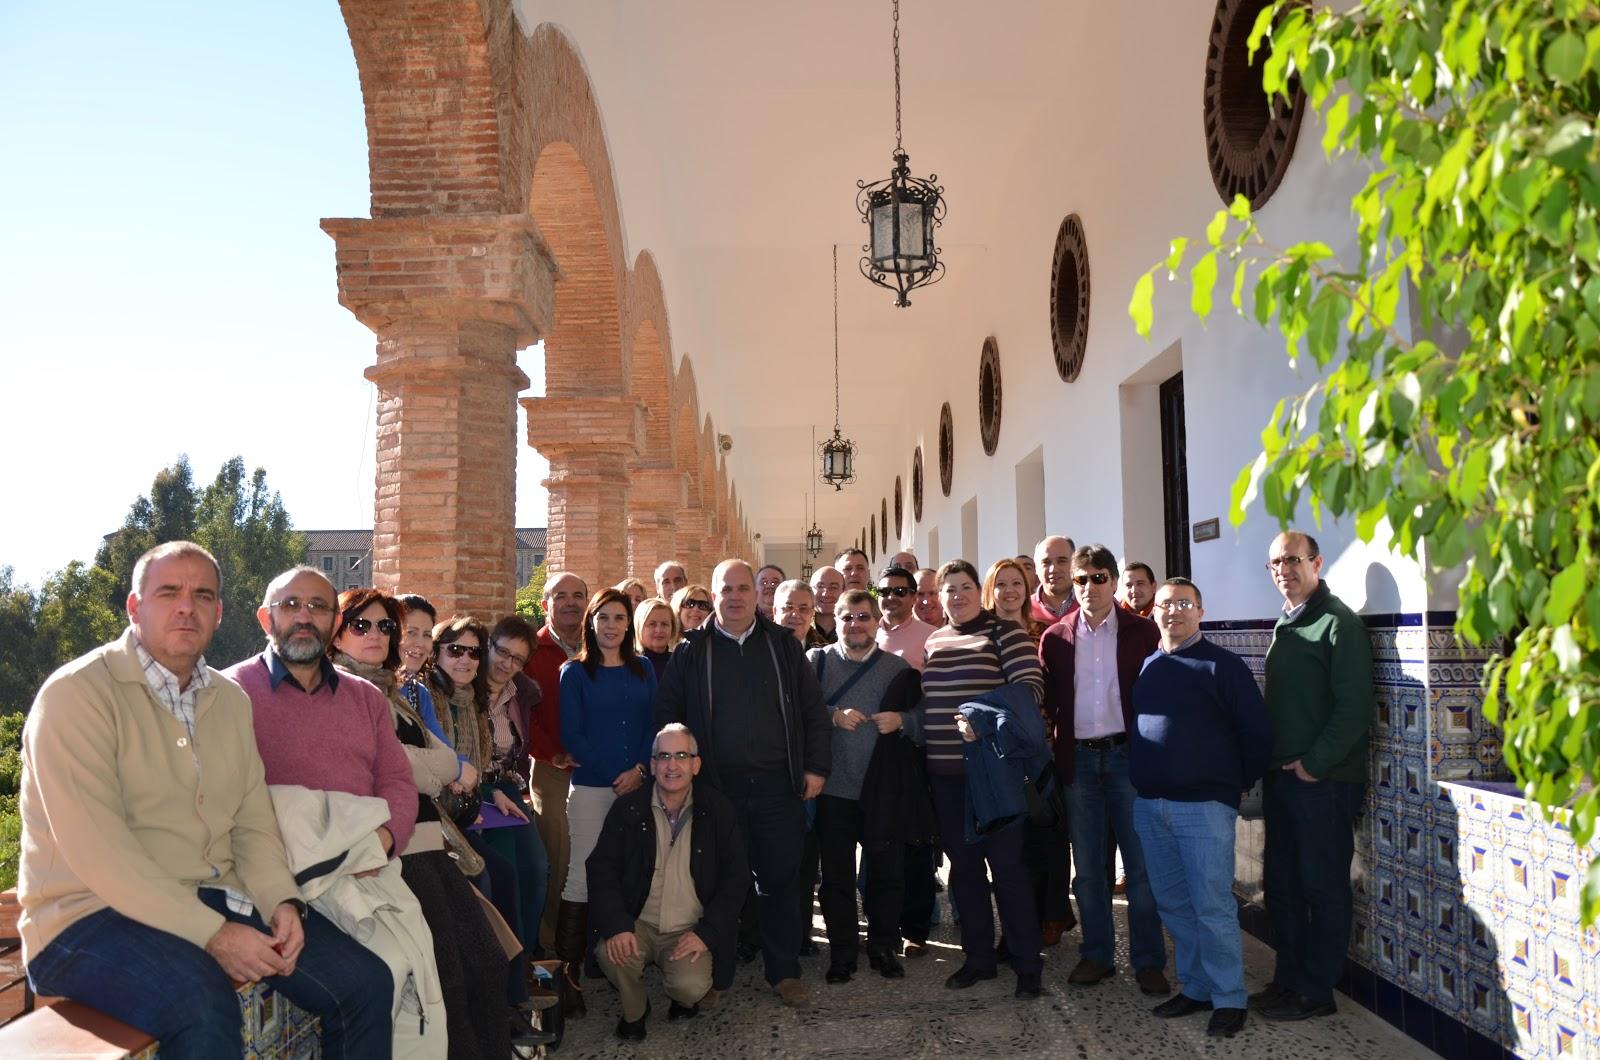 Clasedereli Niños Del Mundo: Blog Del Profesorado De Religión Católica: Diciembre 2012